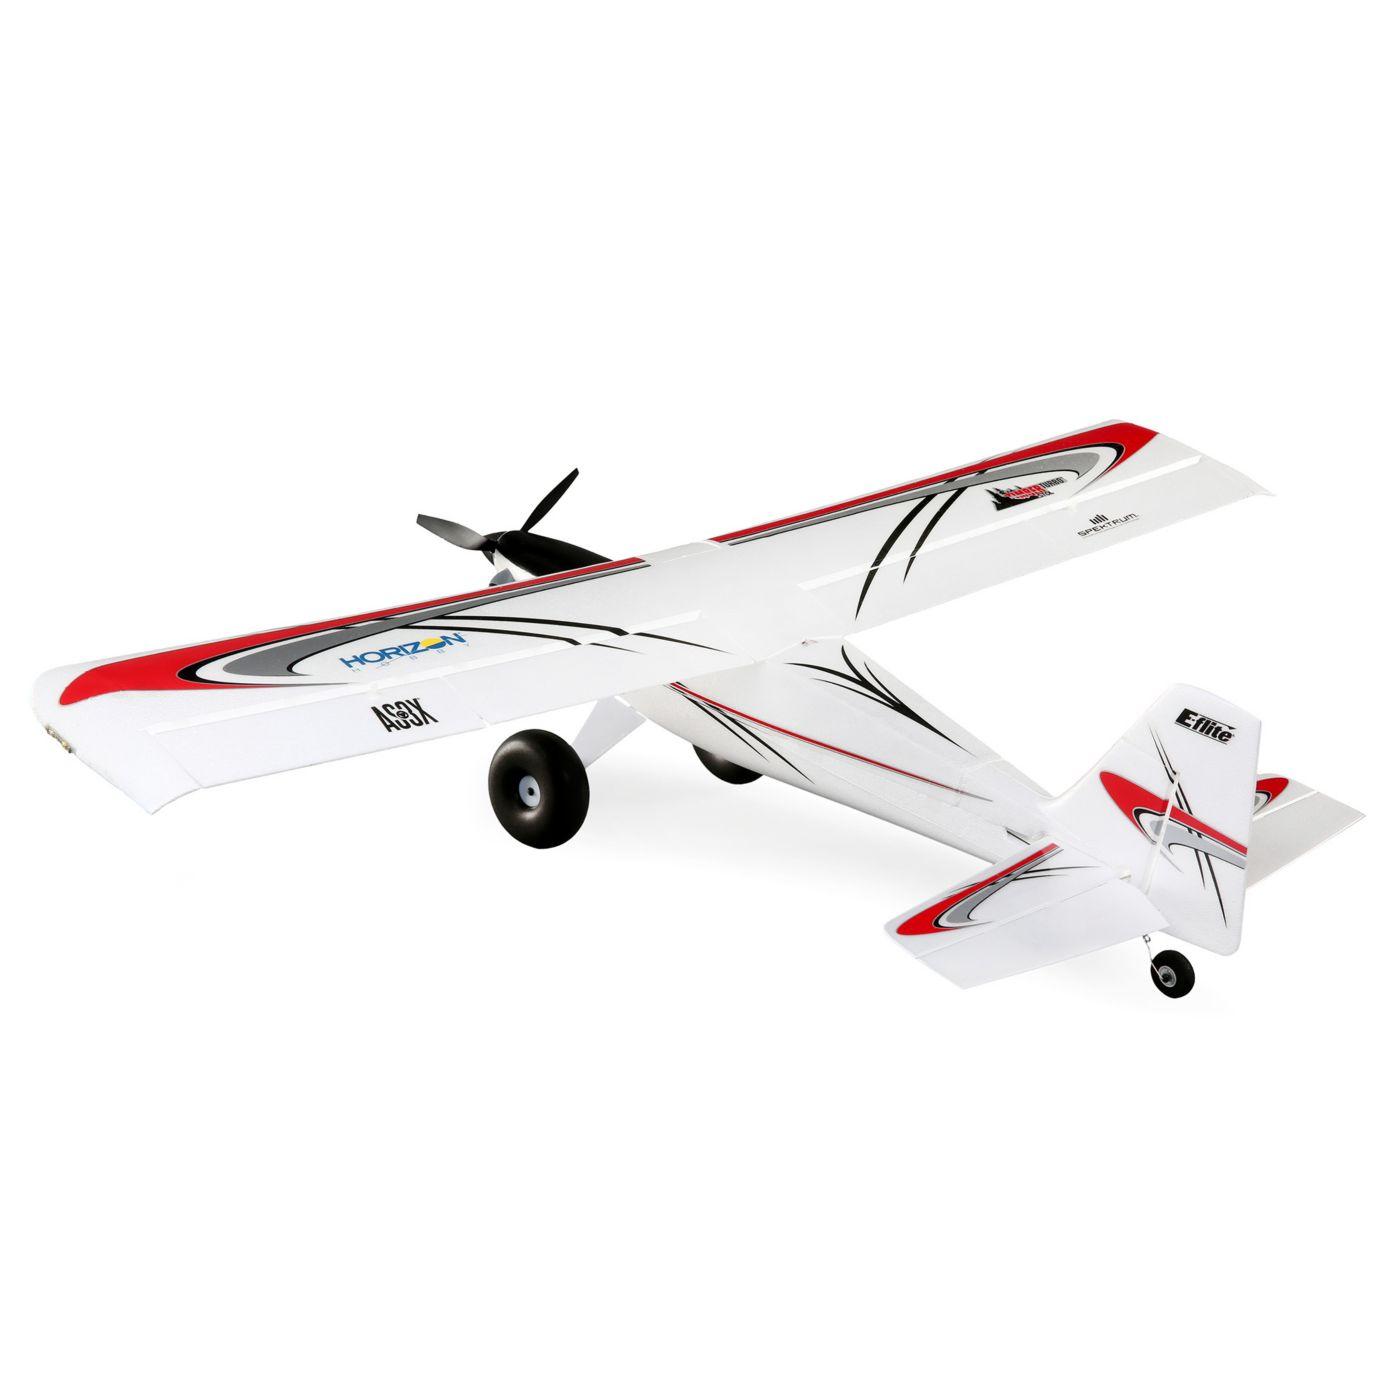 UMX Turbo Timber E-flite